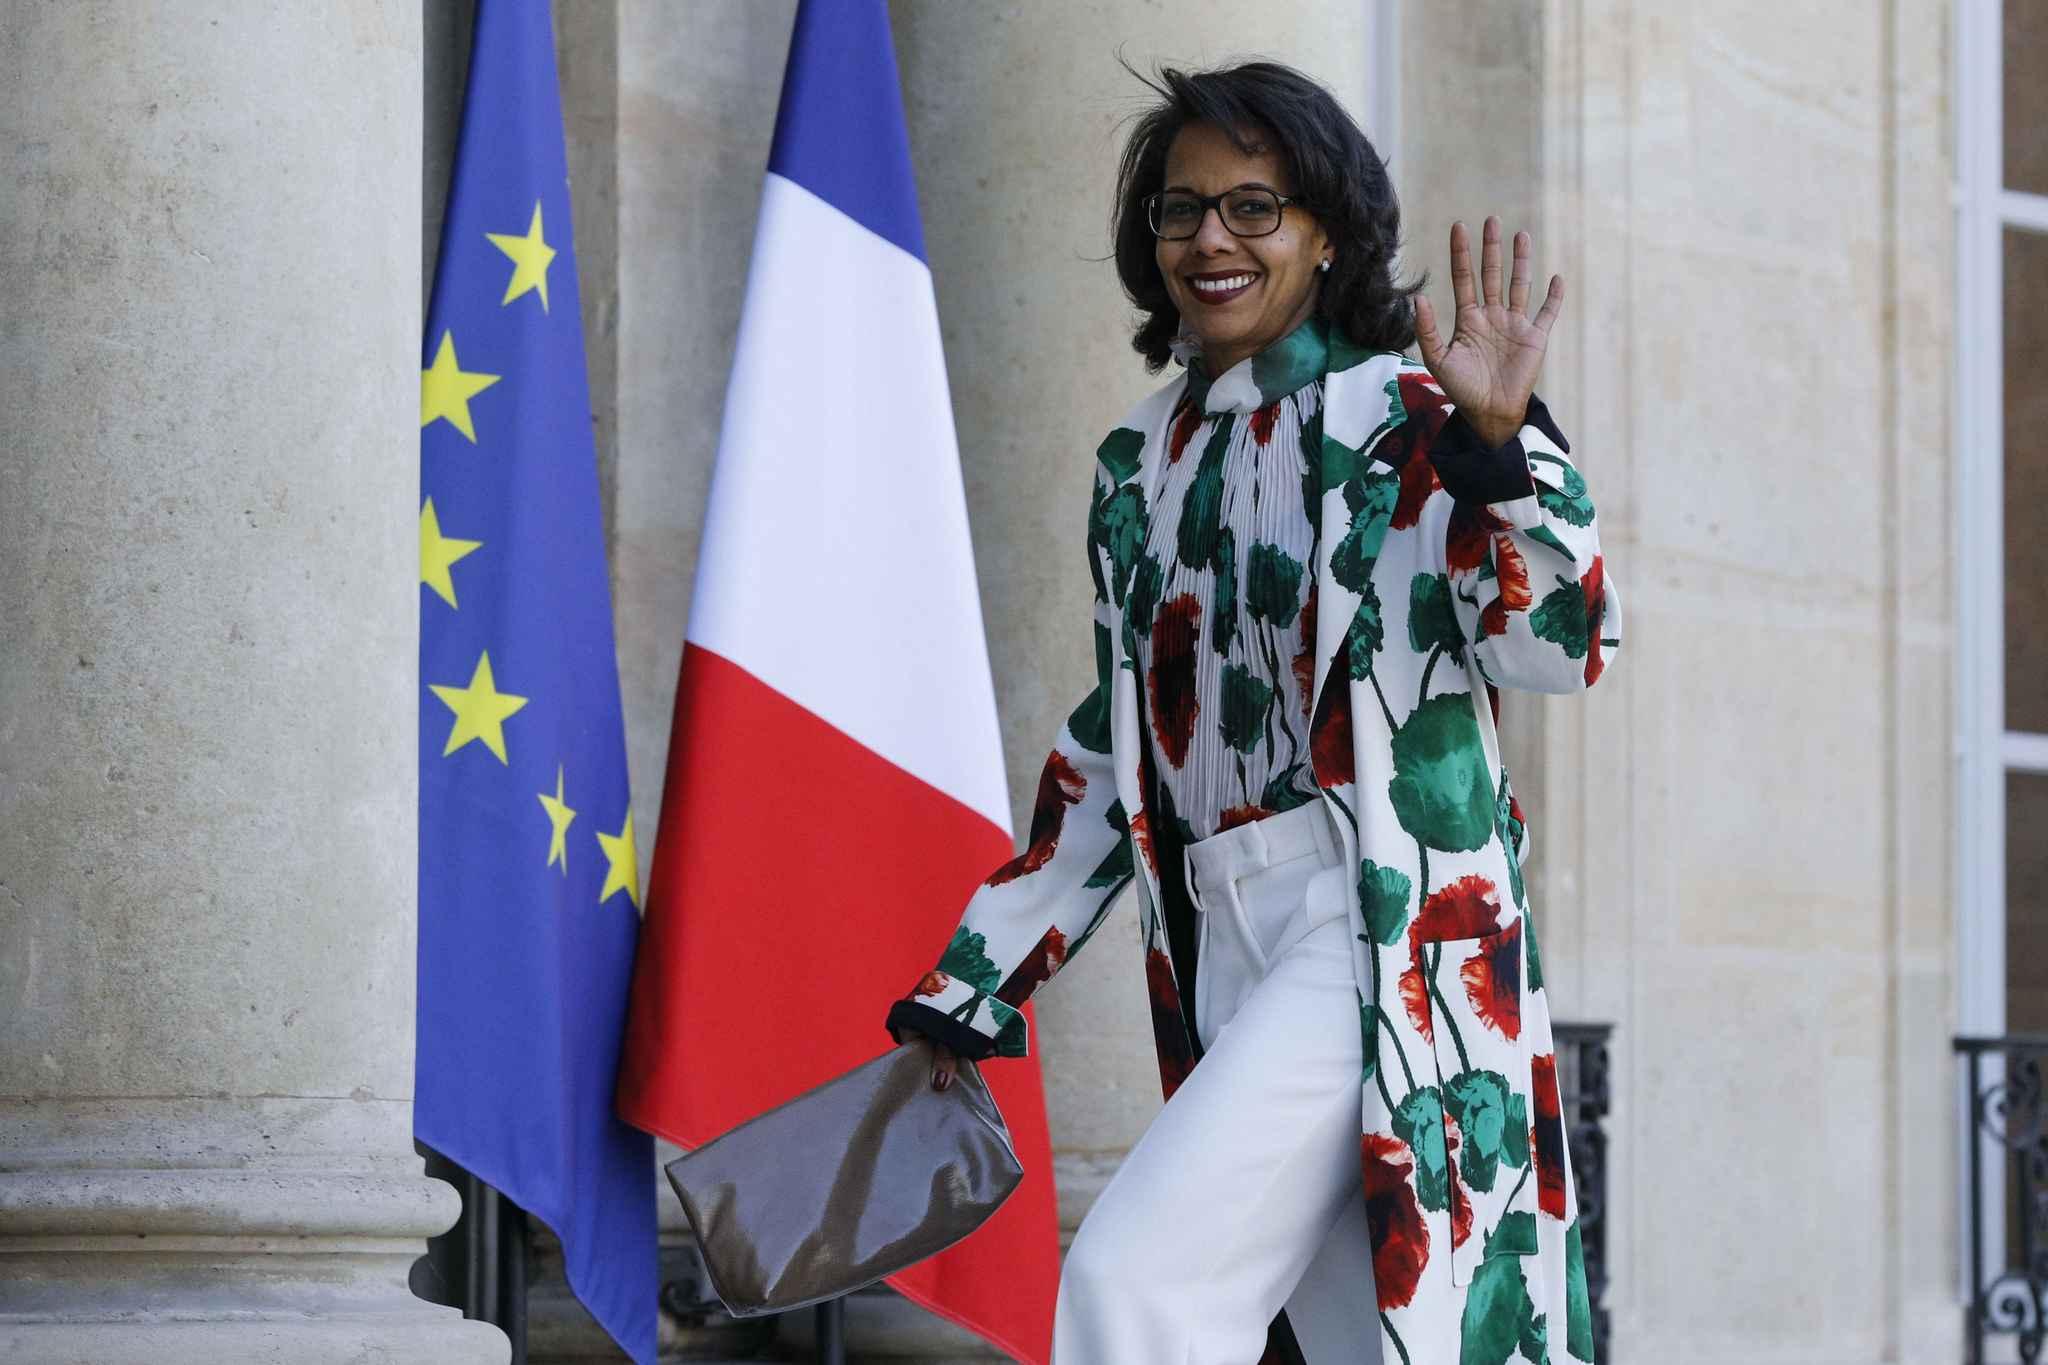 Audrey Pulvar signe une pétition anti-Le Pen, CNews la suspend